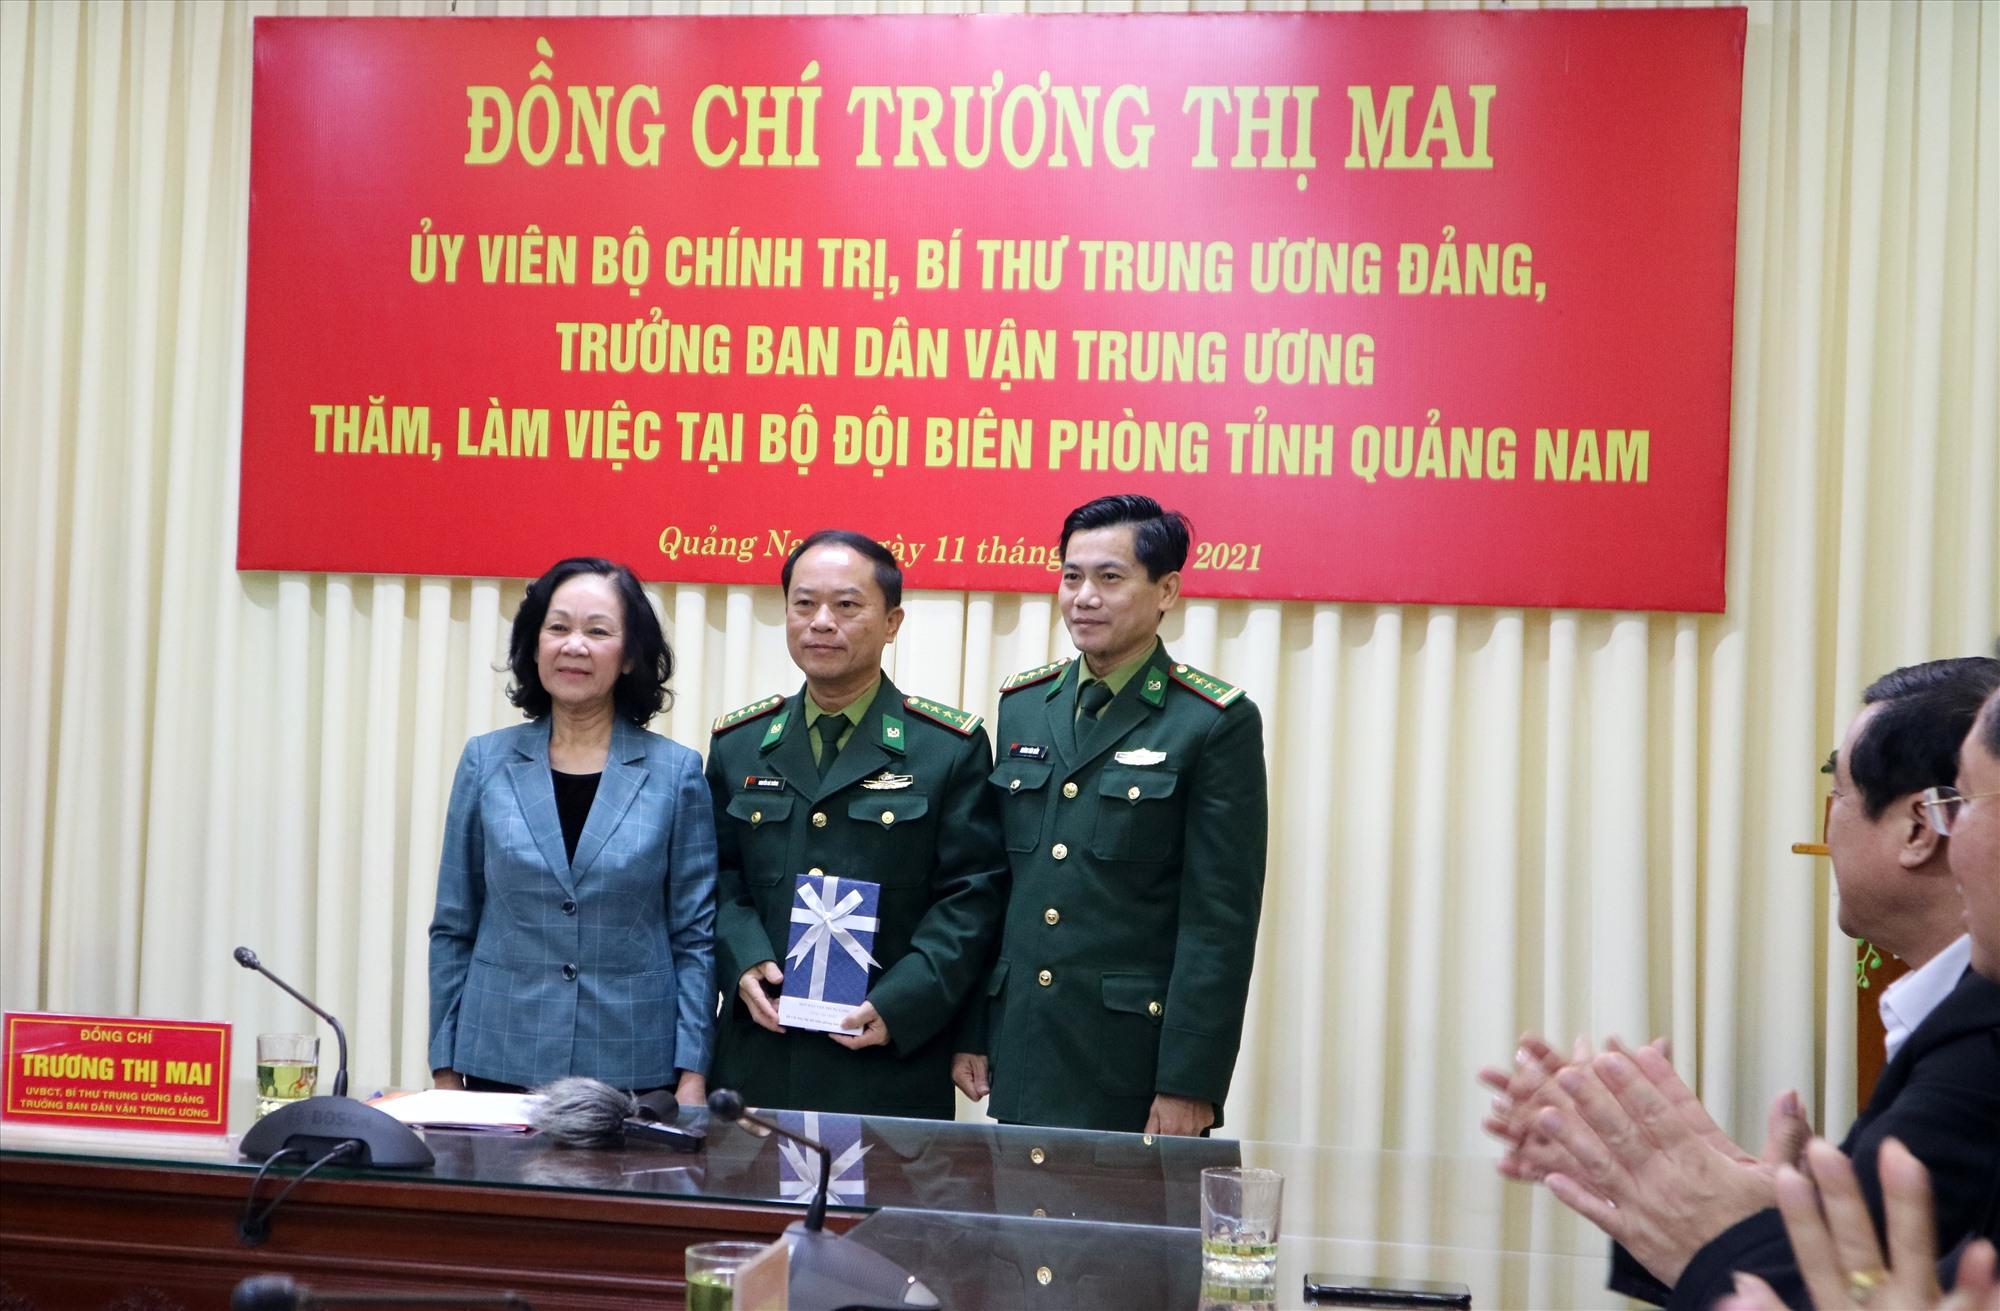 Đồng chí Trương Thị Mai trao quà động viên các chiến sĩ BĐBP tỉnh. Ảnh: A.N